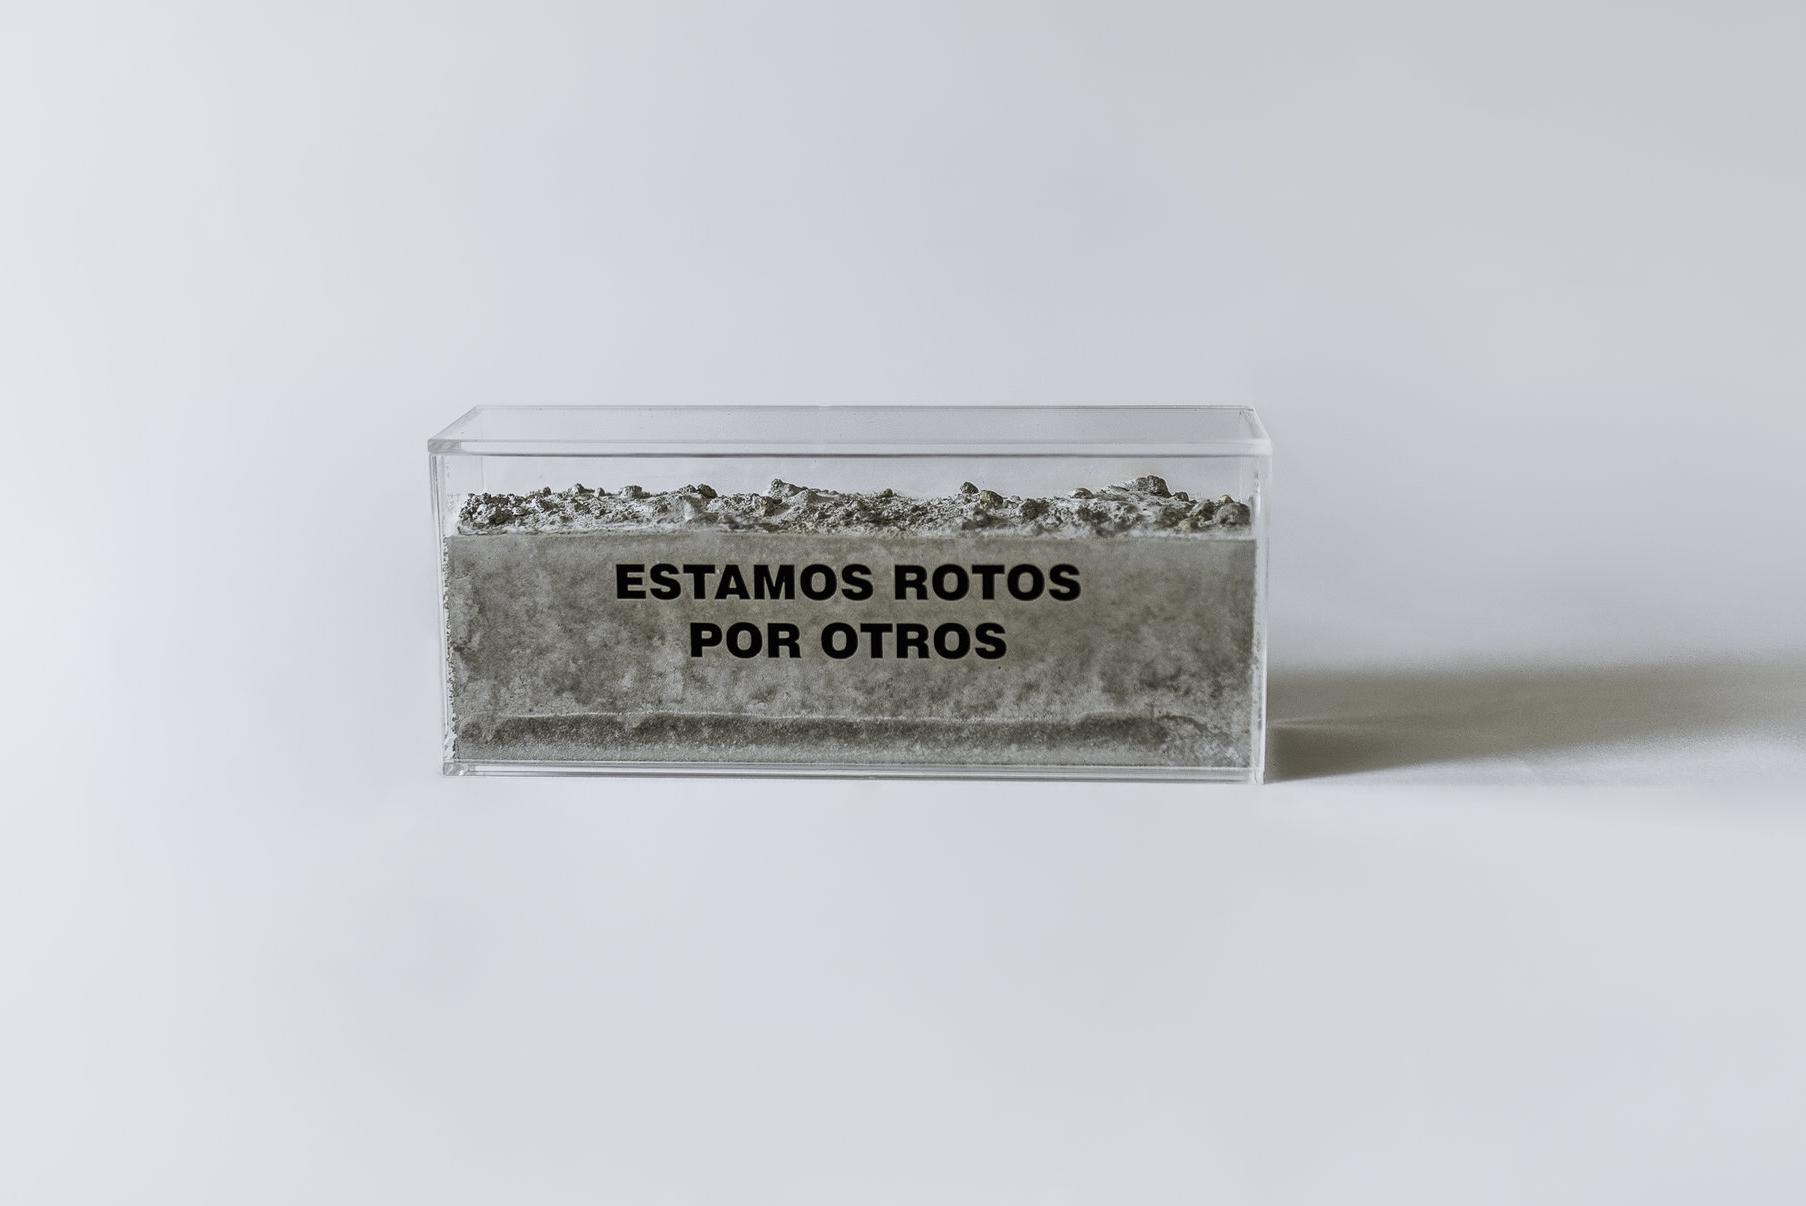 S.T (2018) - 10 x 24 x 6 cm - Bloque de acrílico y cemento / Plexiglass brick filled with cement